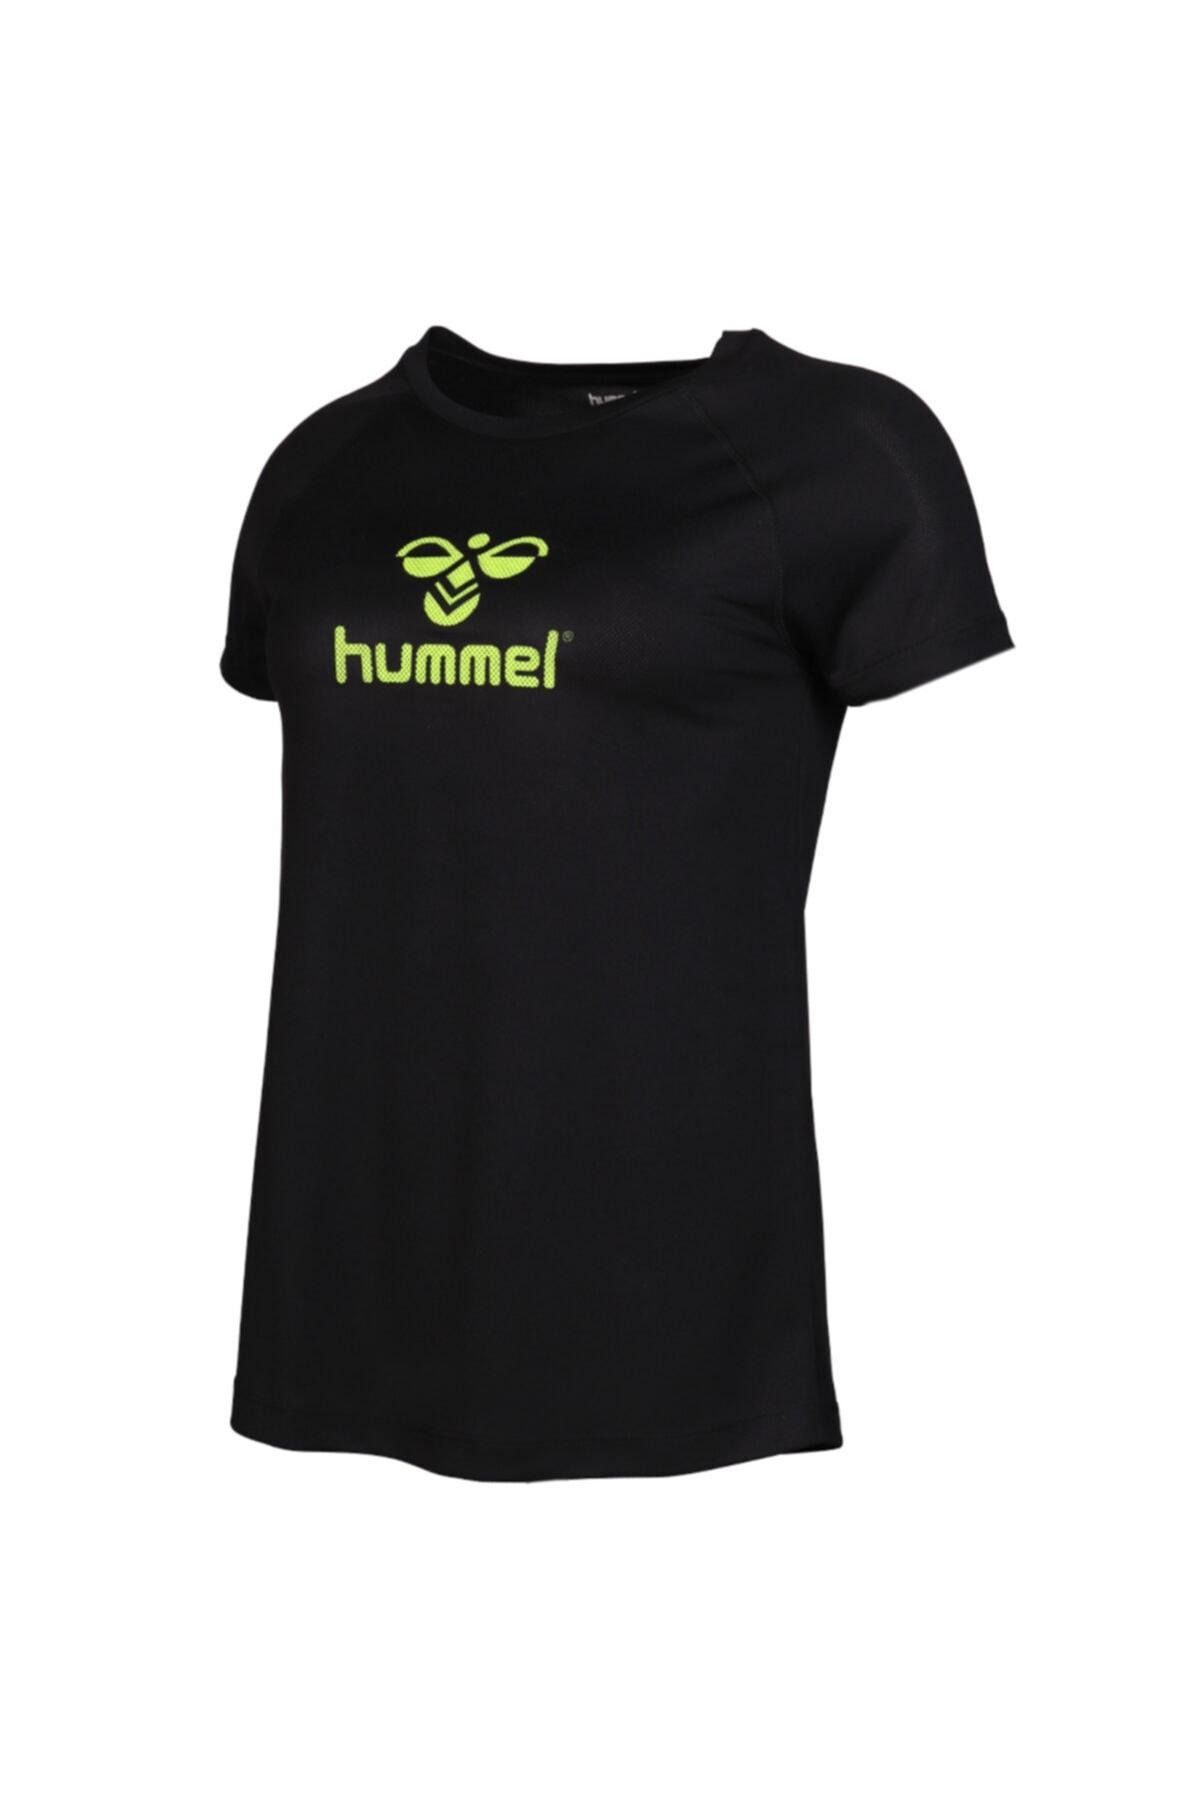 خرید تیشرت ورزشی زنانه ترک جدید برند هومل رنگ مشکی کد ty36519591